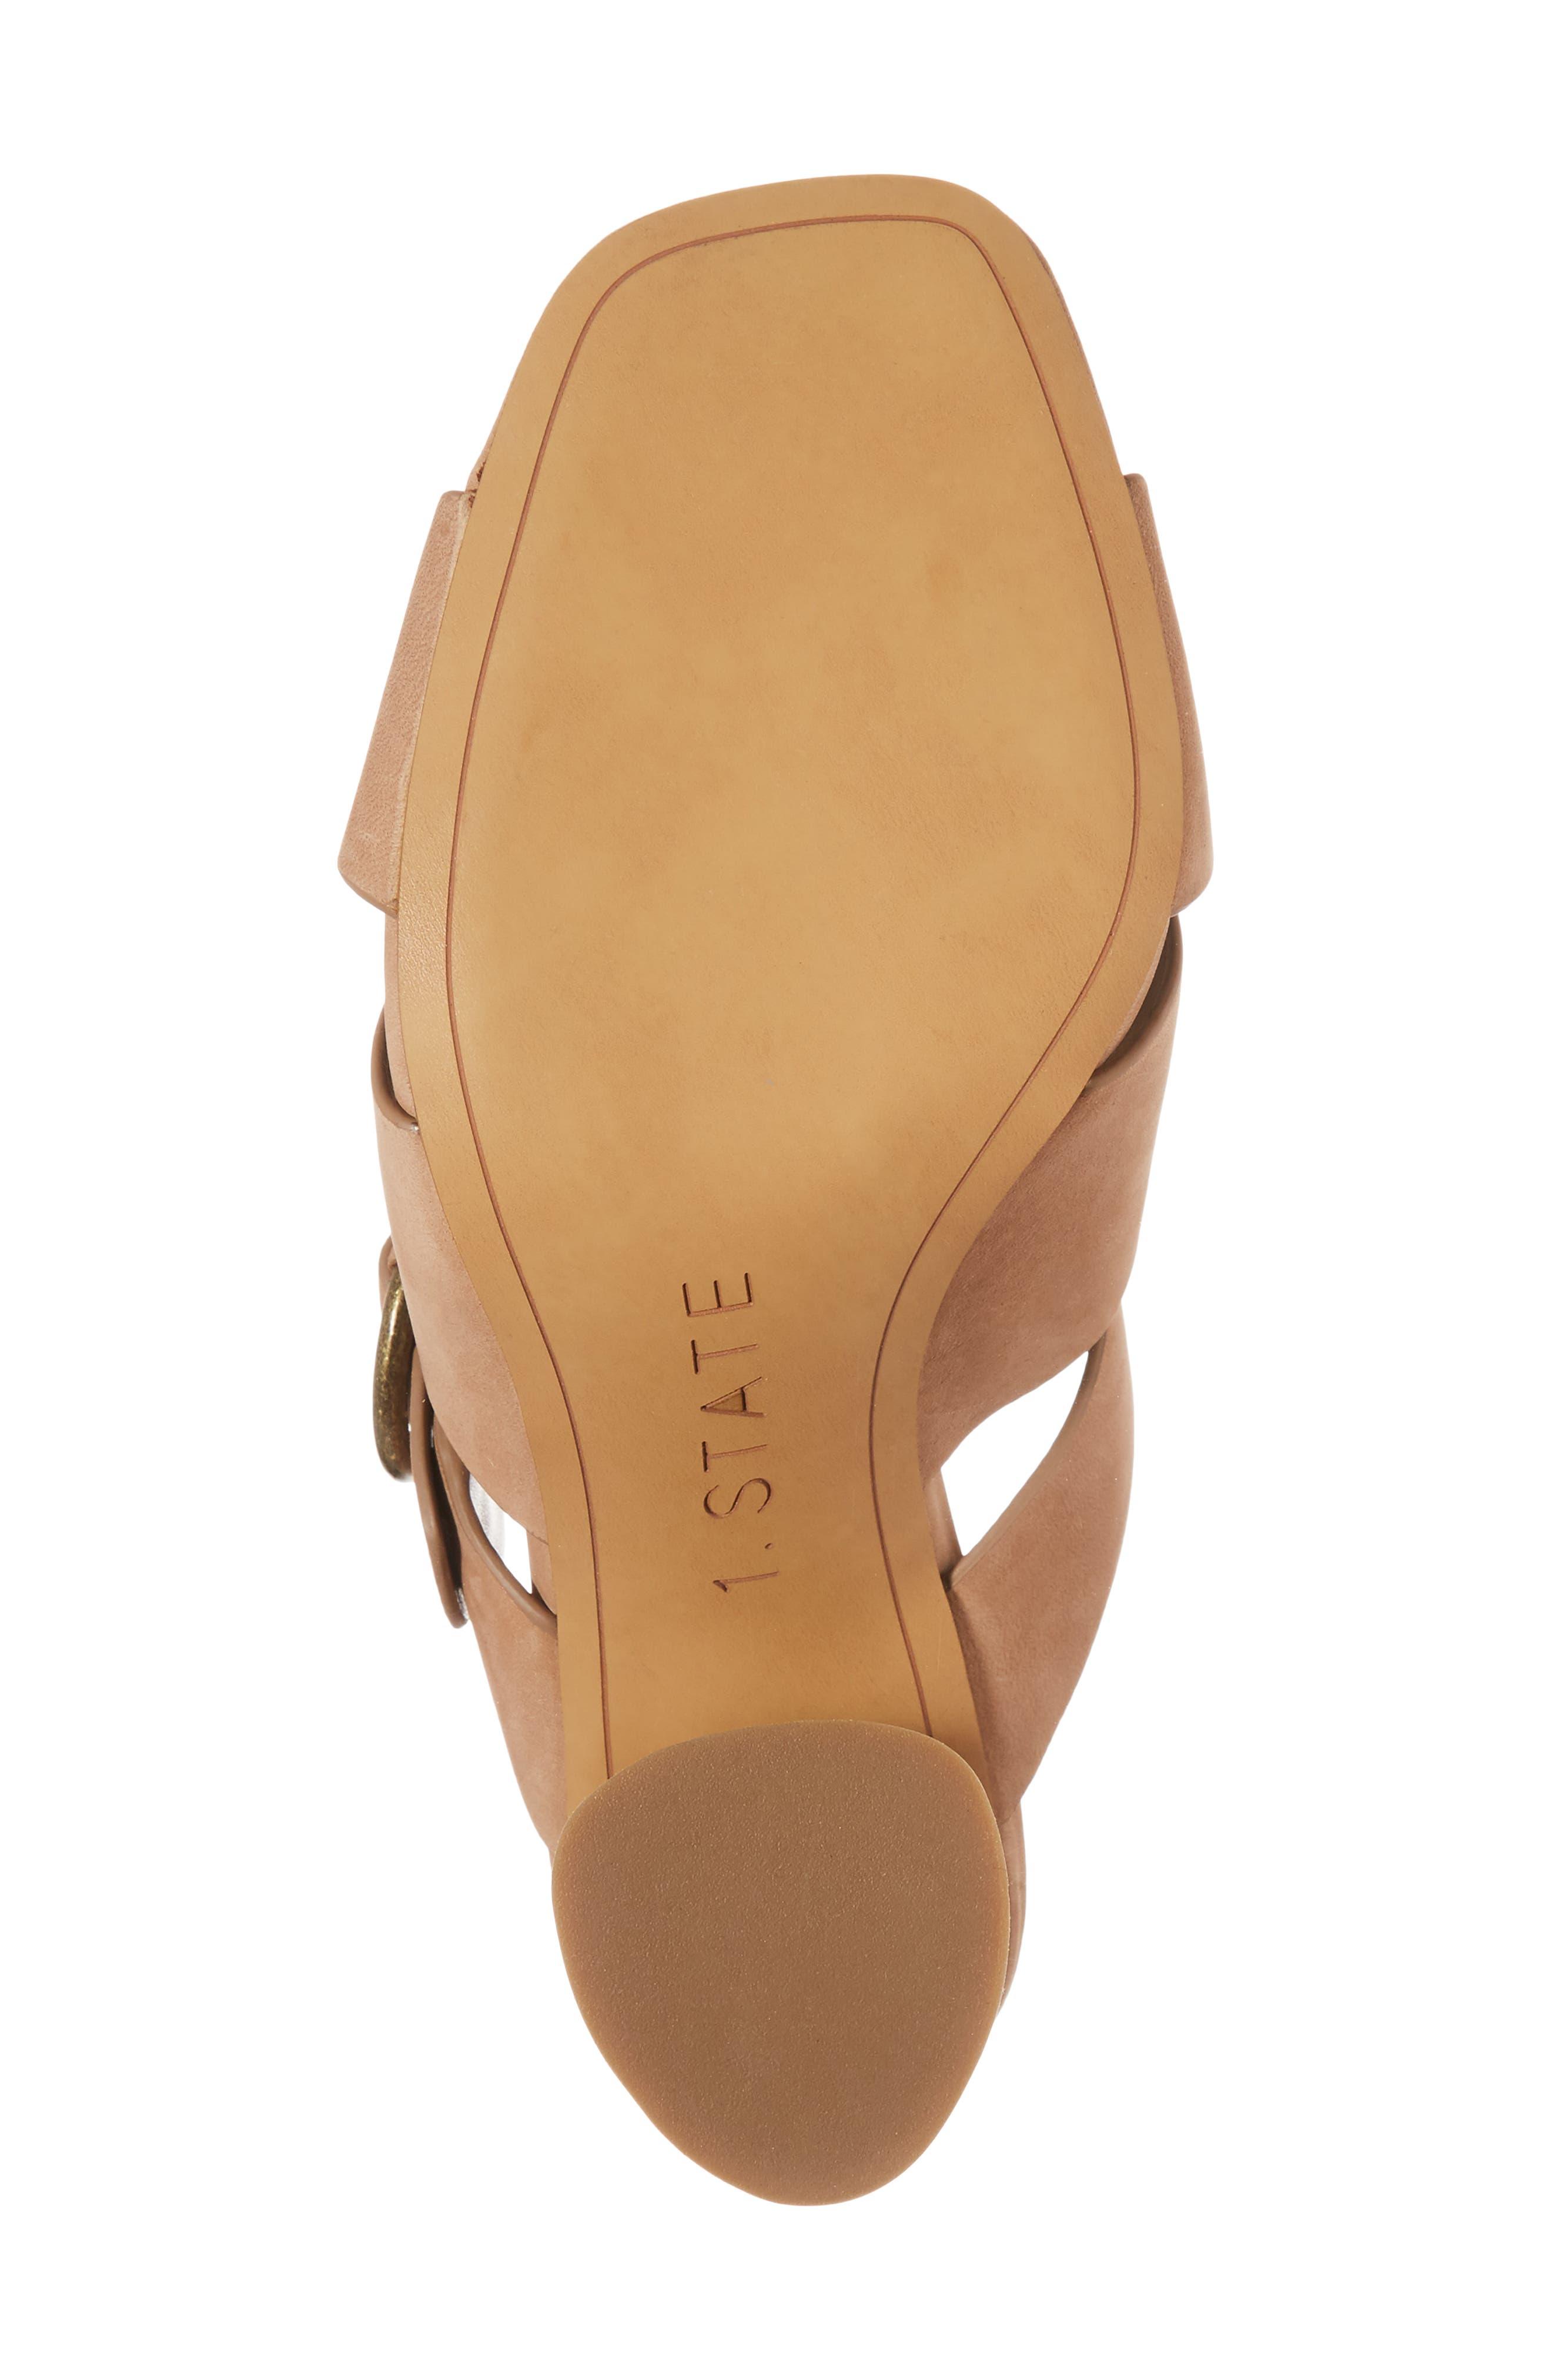 Icendra Flared Heel Mule Sandal,                             Alternate thumbnail 6, color,                             Teak Leather